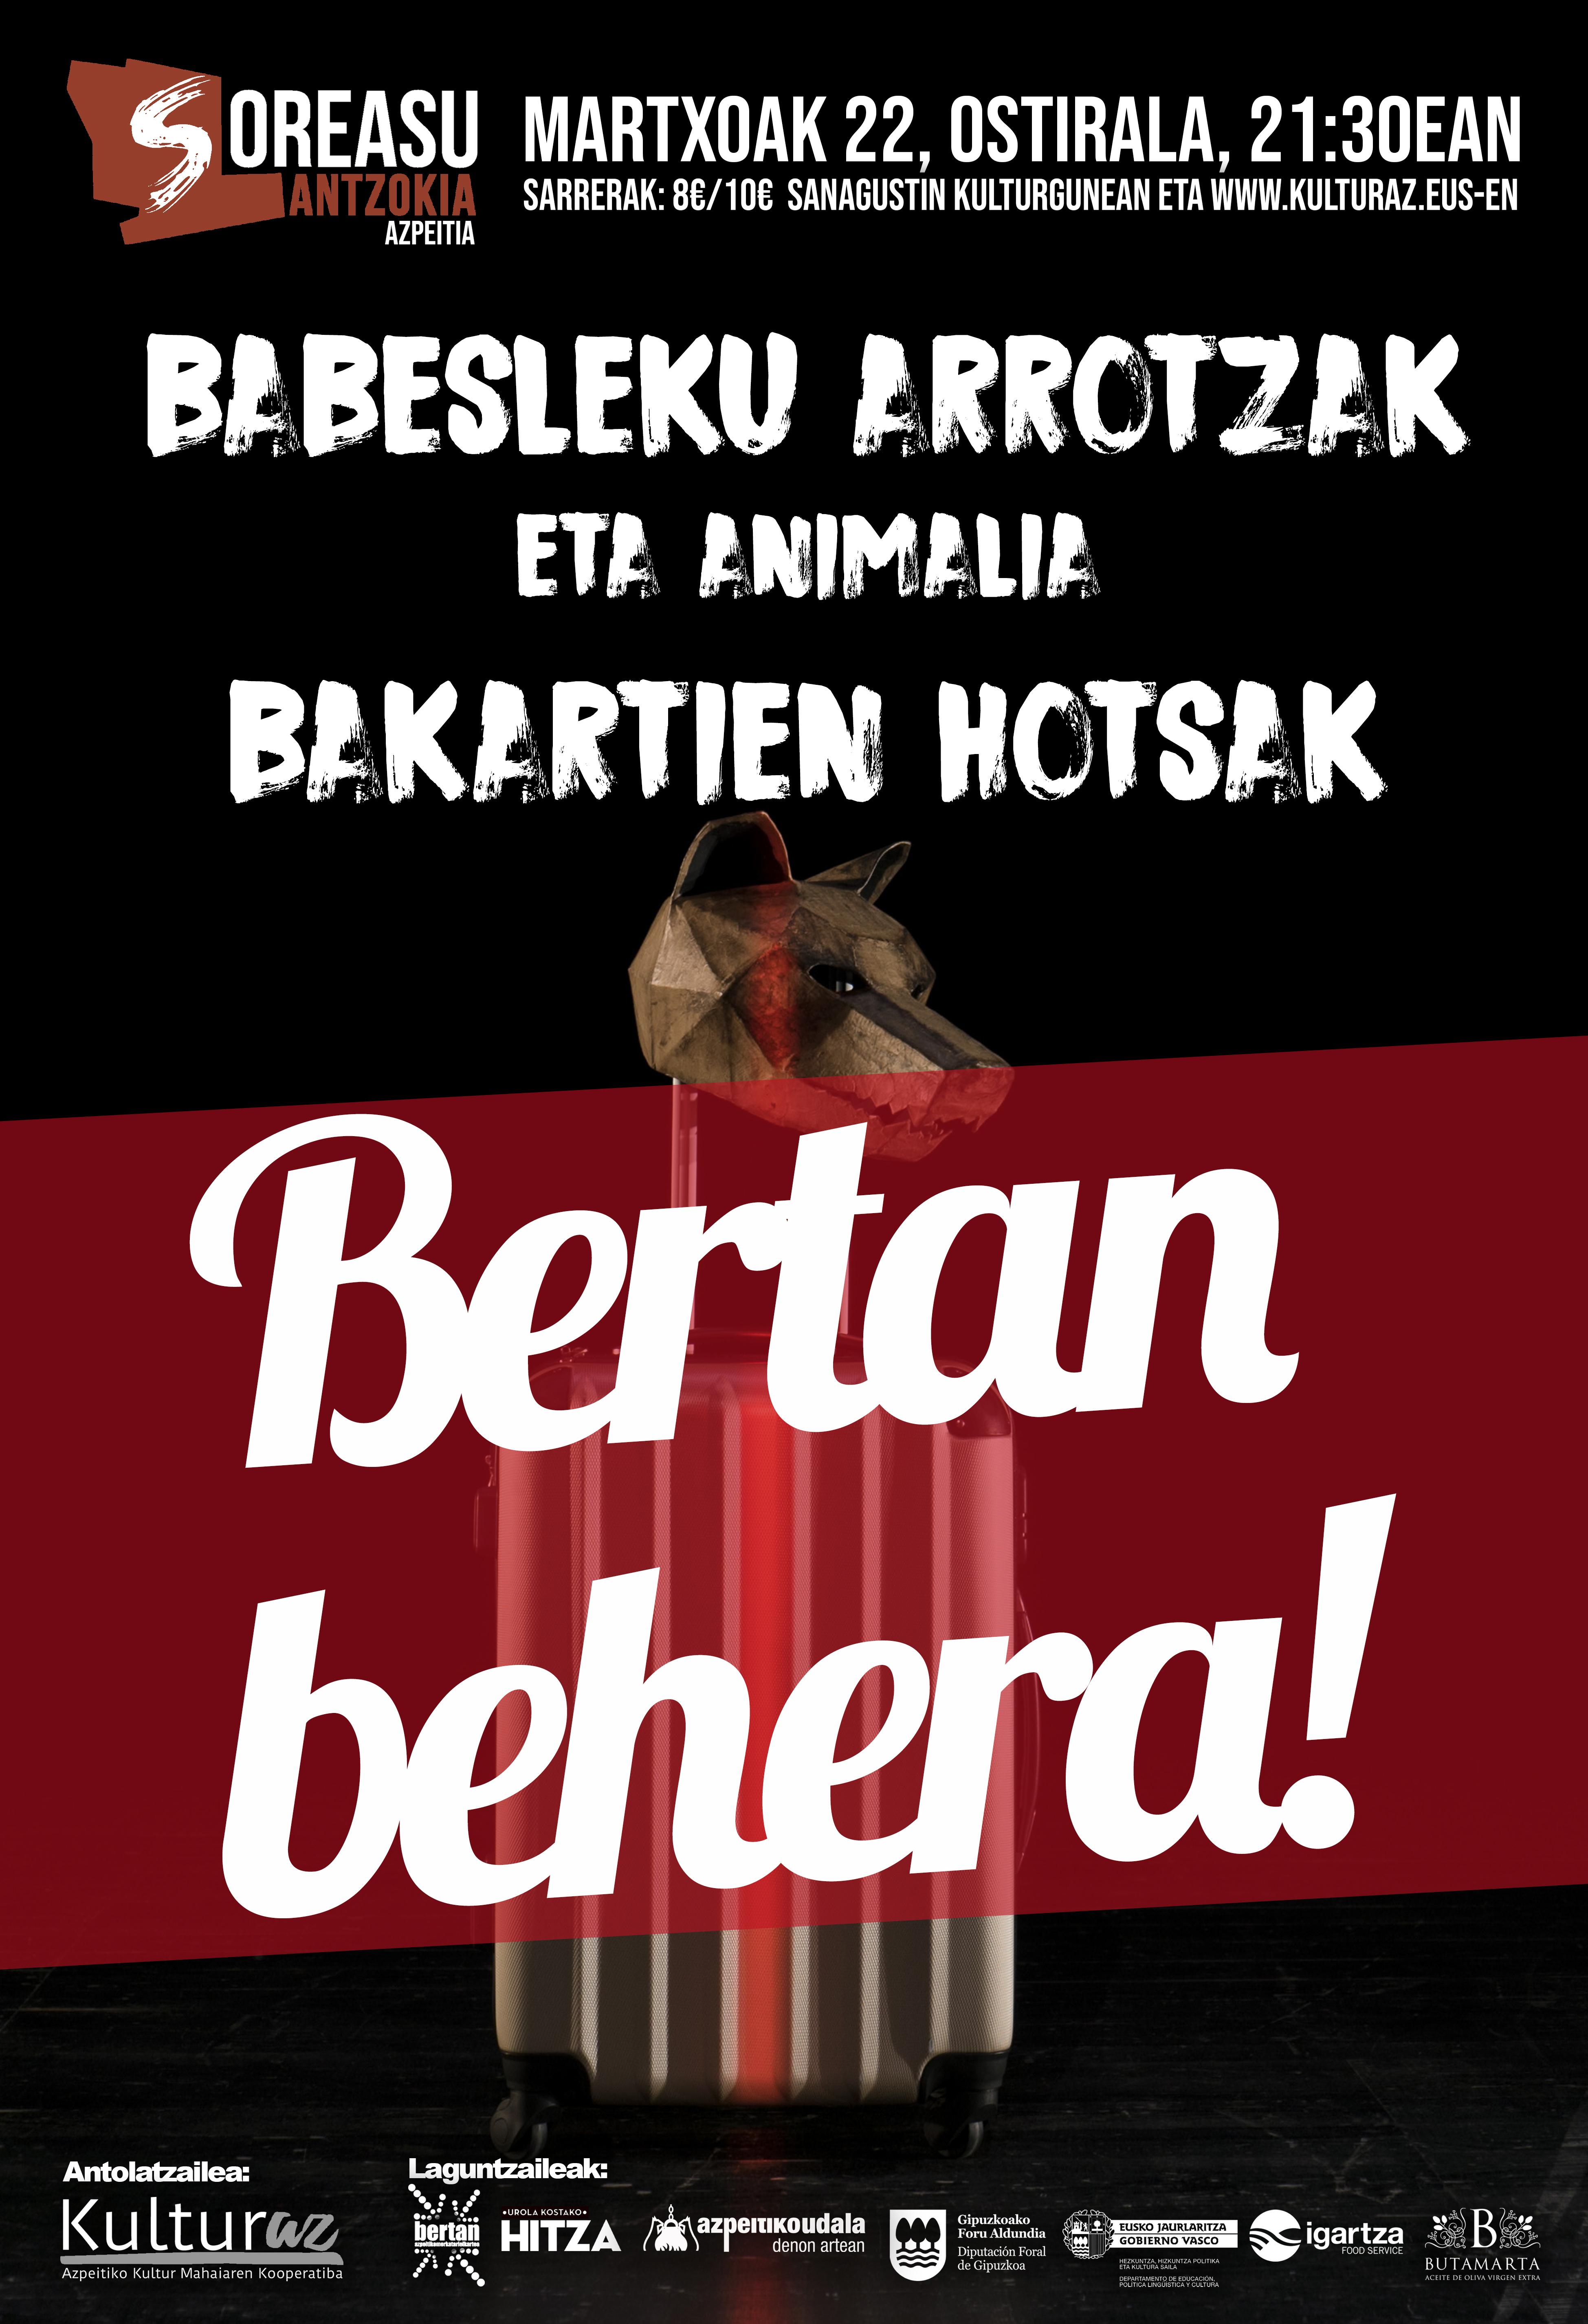 Babesleku Arrotzak eta Animalia Bakartien Hotsak (BERTAN BEHERA)